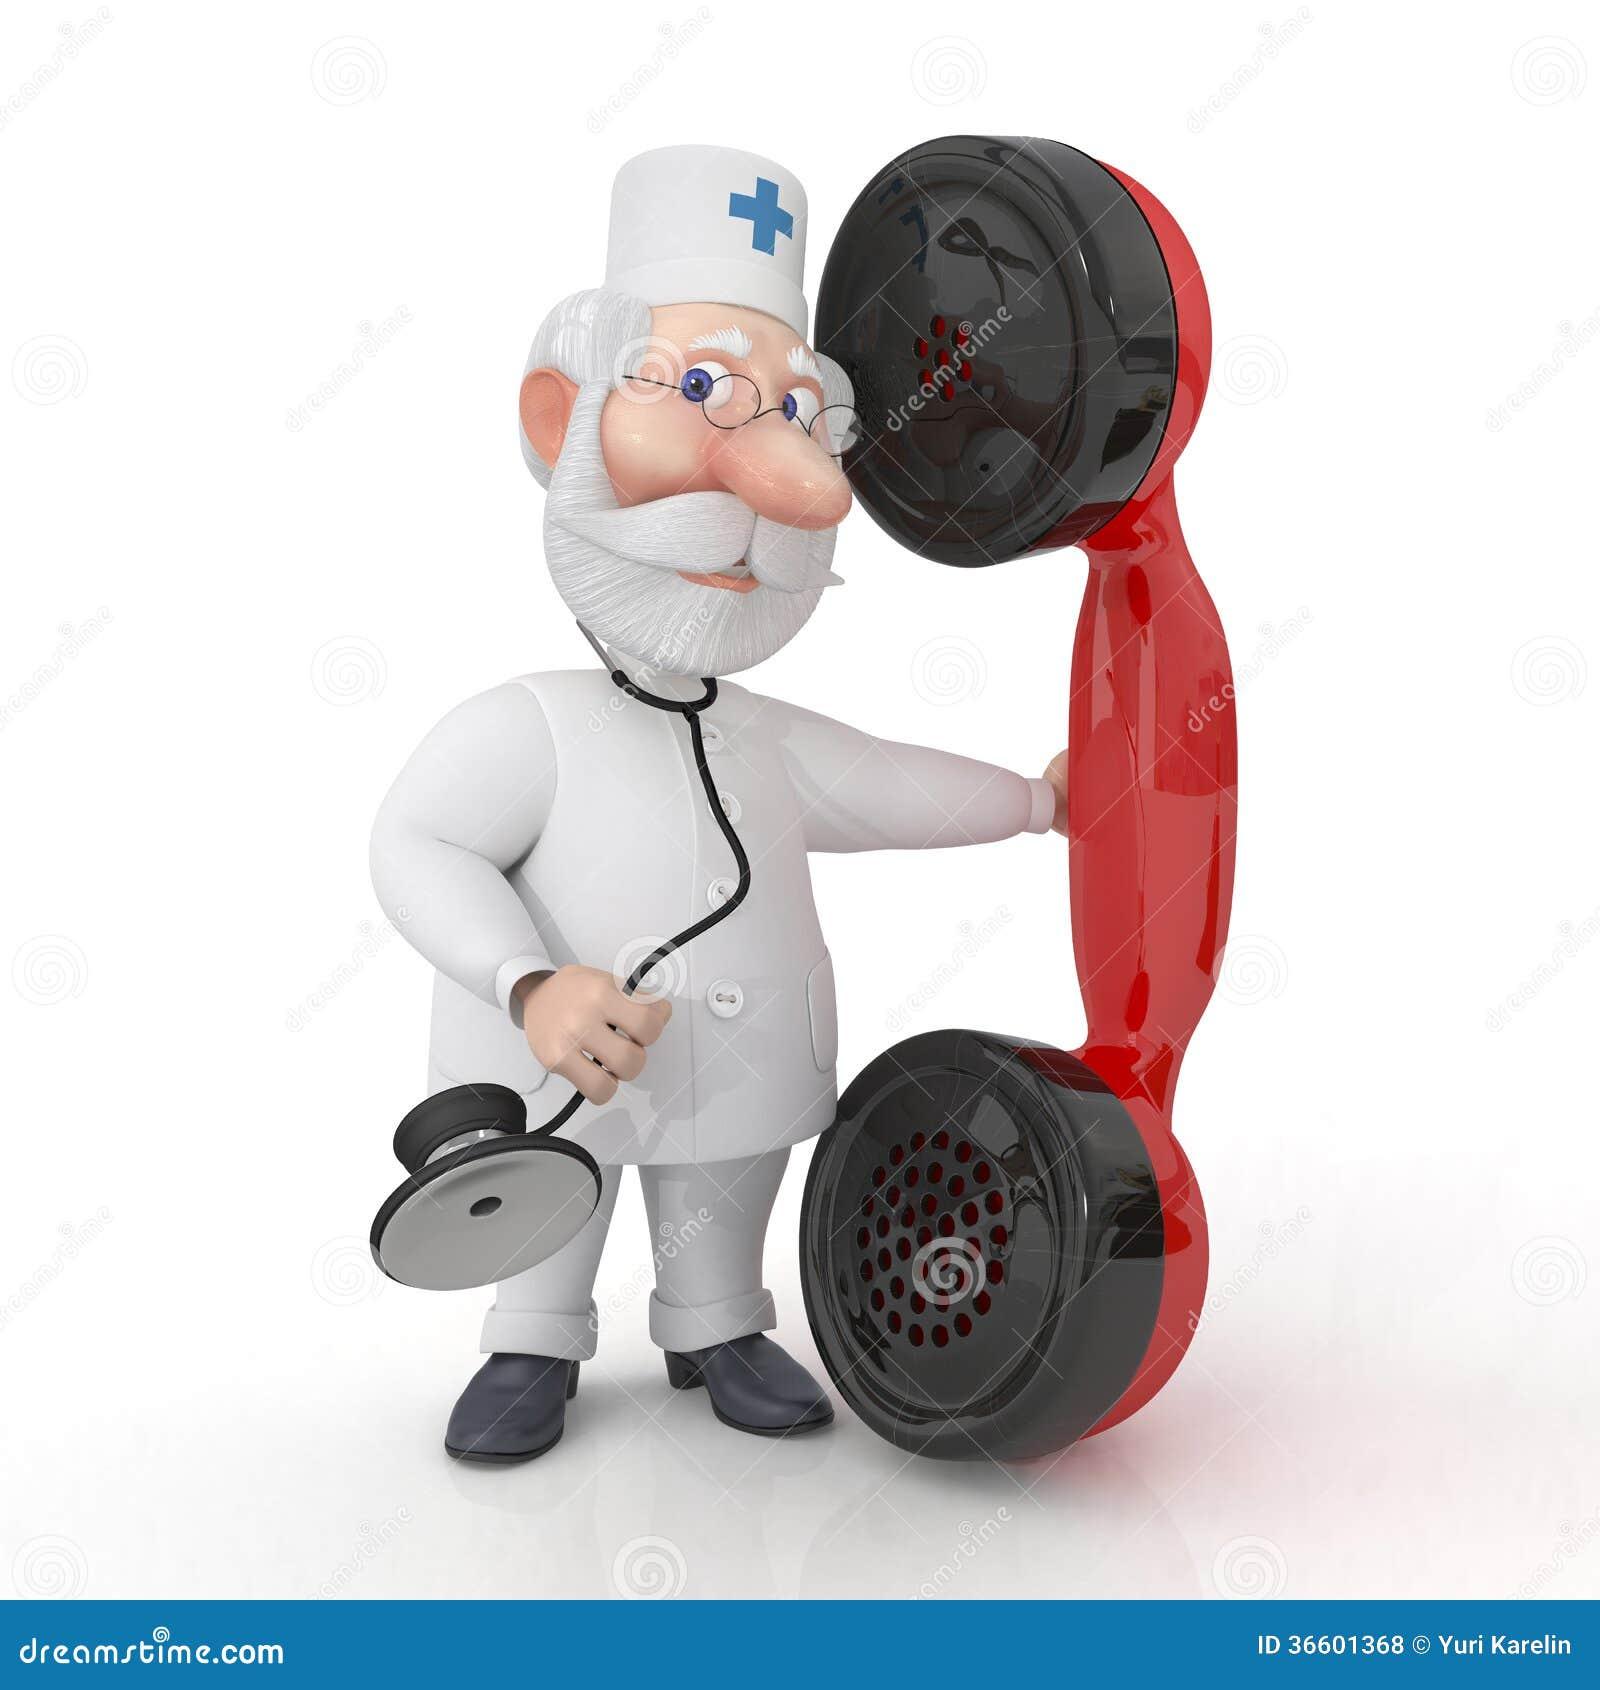 Telephone Doctor